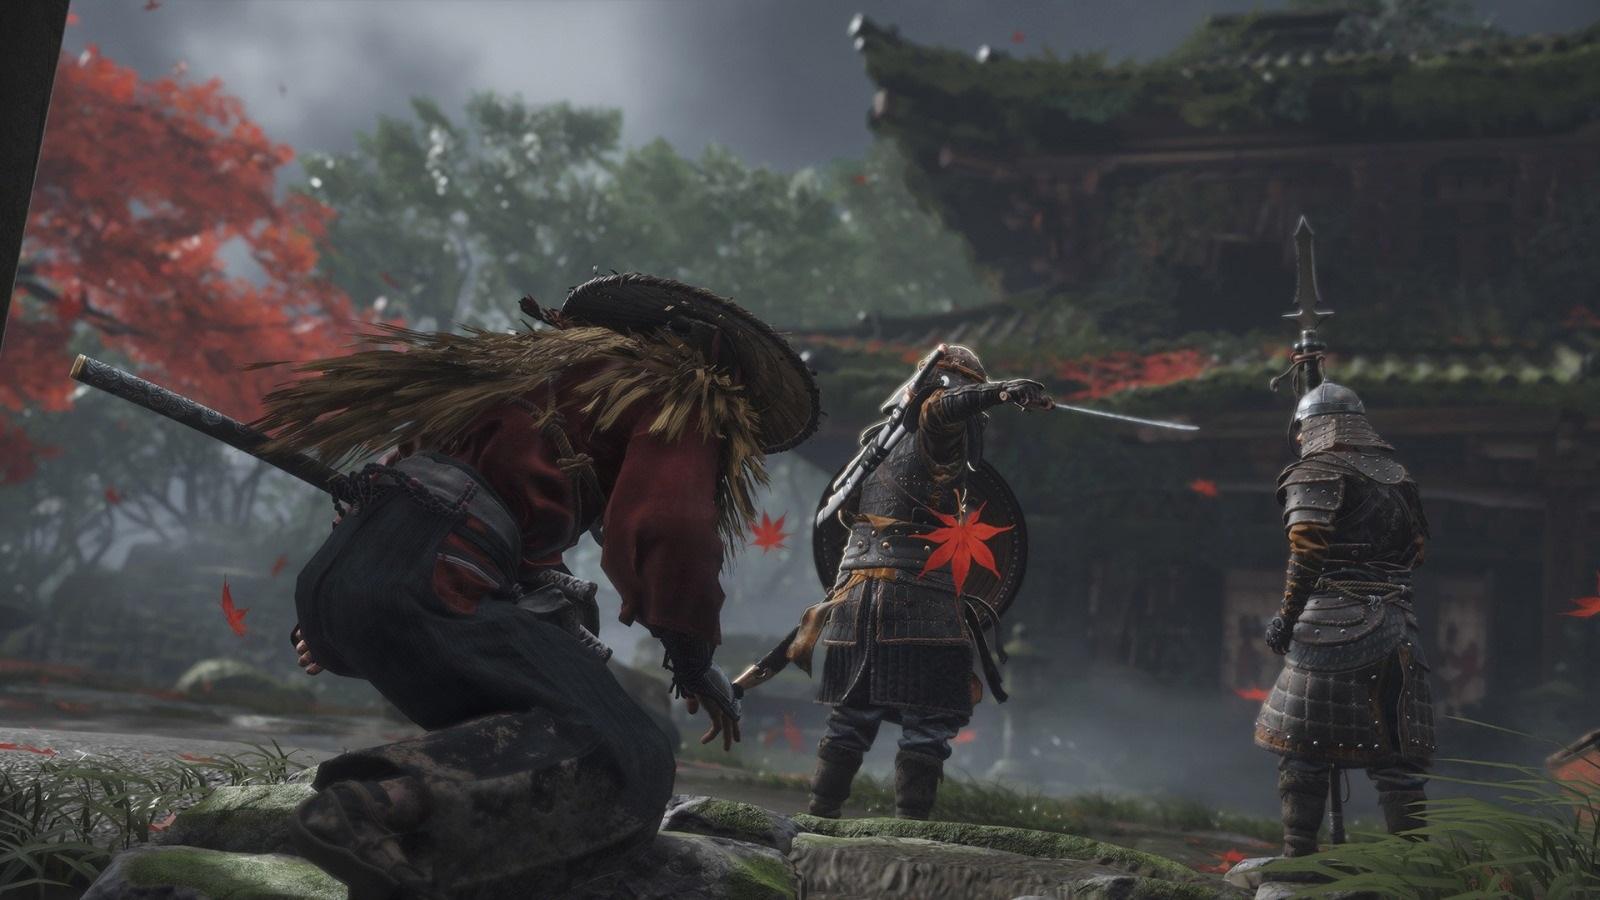 Nejočekávanější hry v roce 2019; Ghost of Tsushima, screenshot: plížení